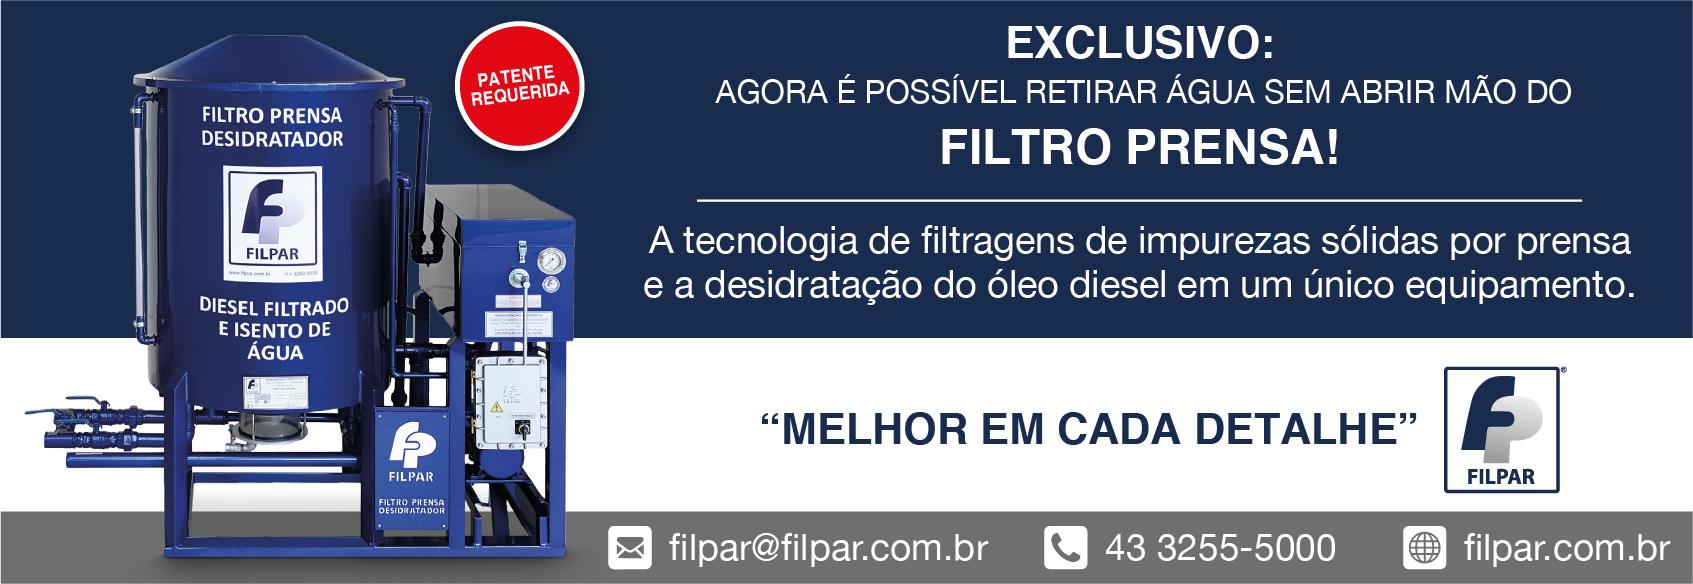 Digitais - Anúncio Revista - Filpar 2018-03 - 406px x 140px